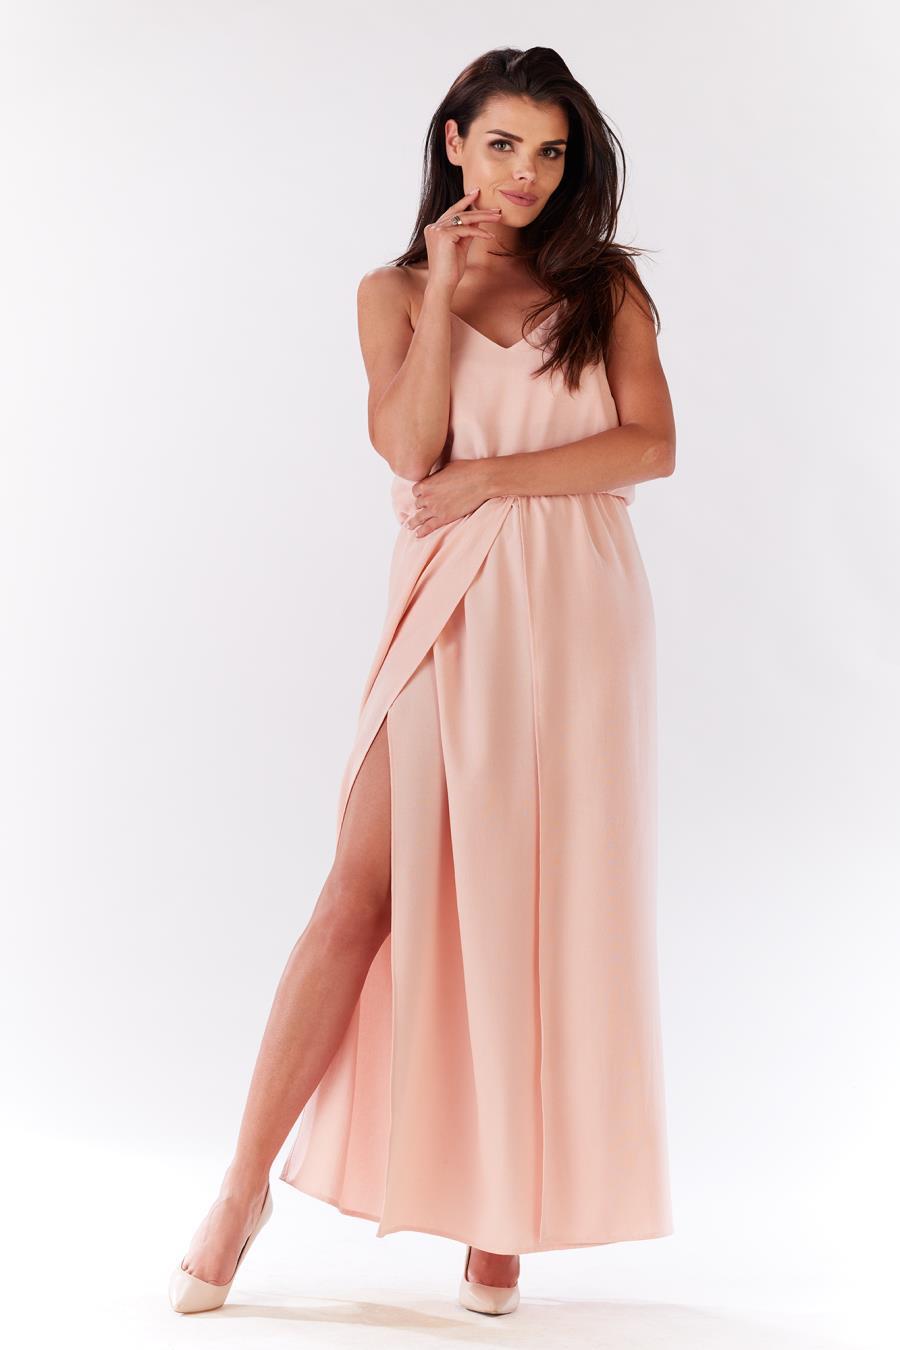 b4244d73f4e72c M138, sukienka, letnia, pudrowa, rozcięciem, długa, sklep, online ...